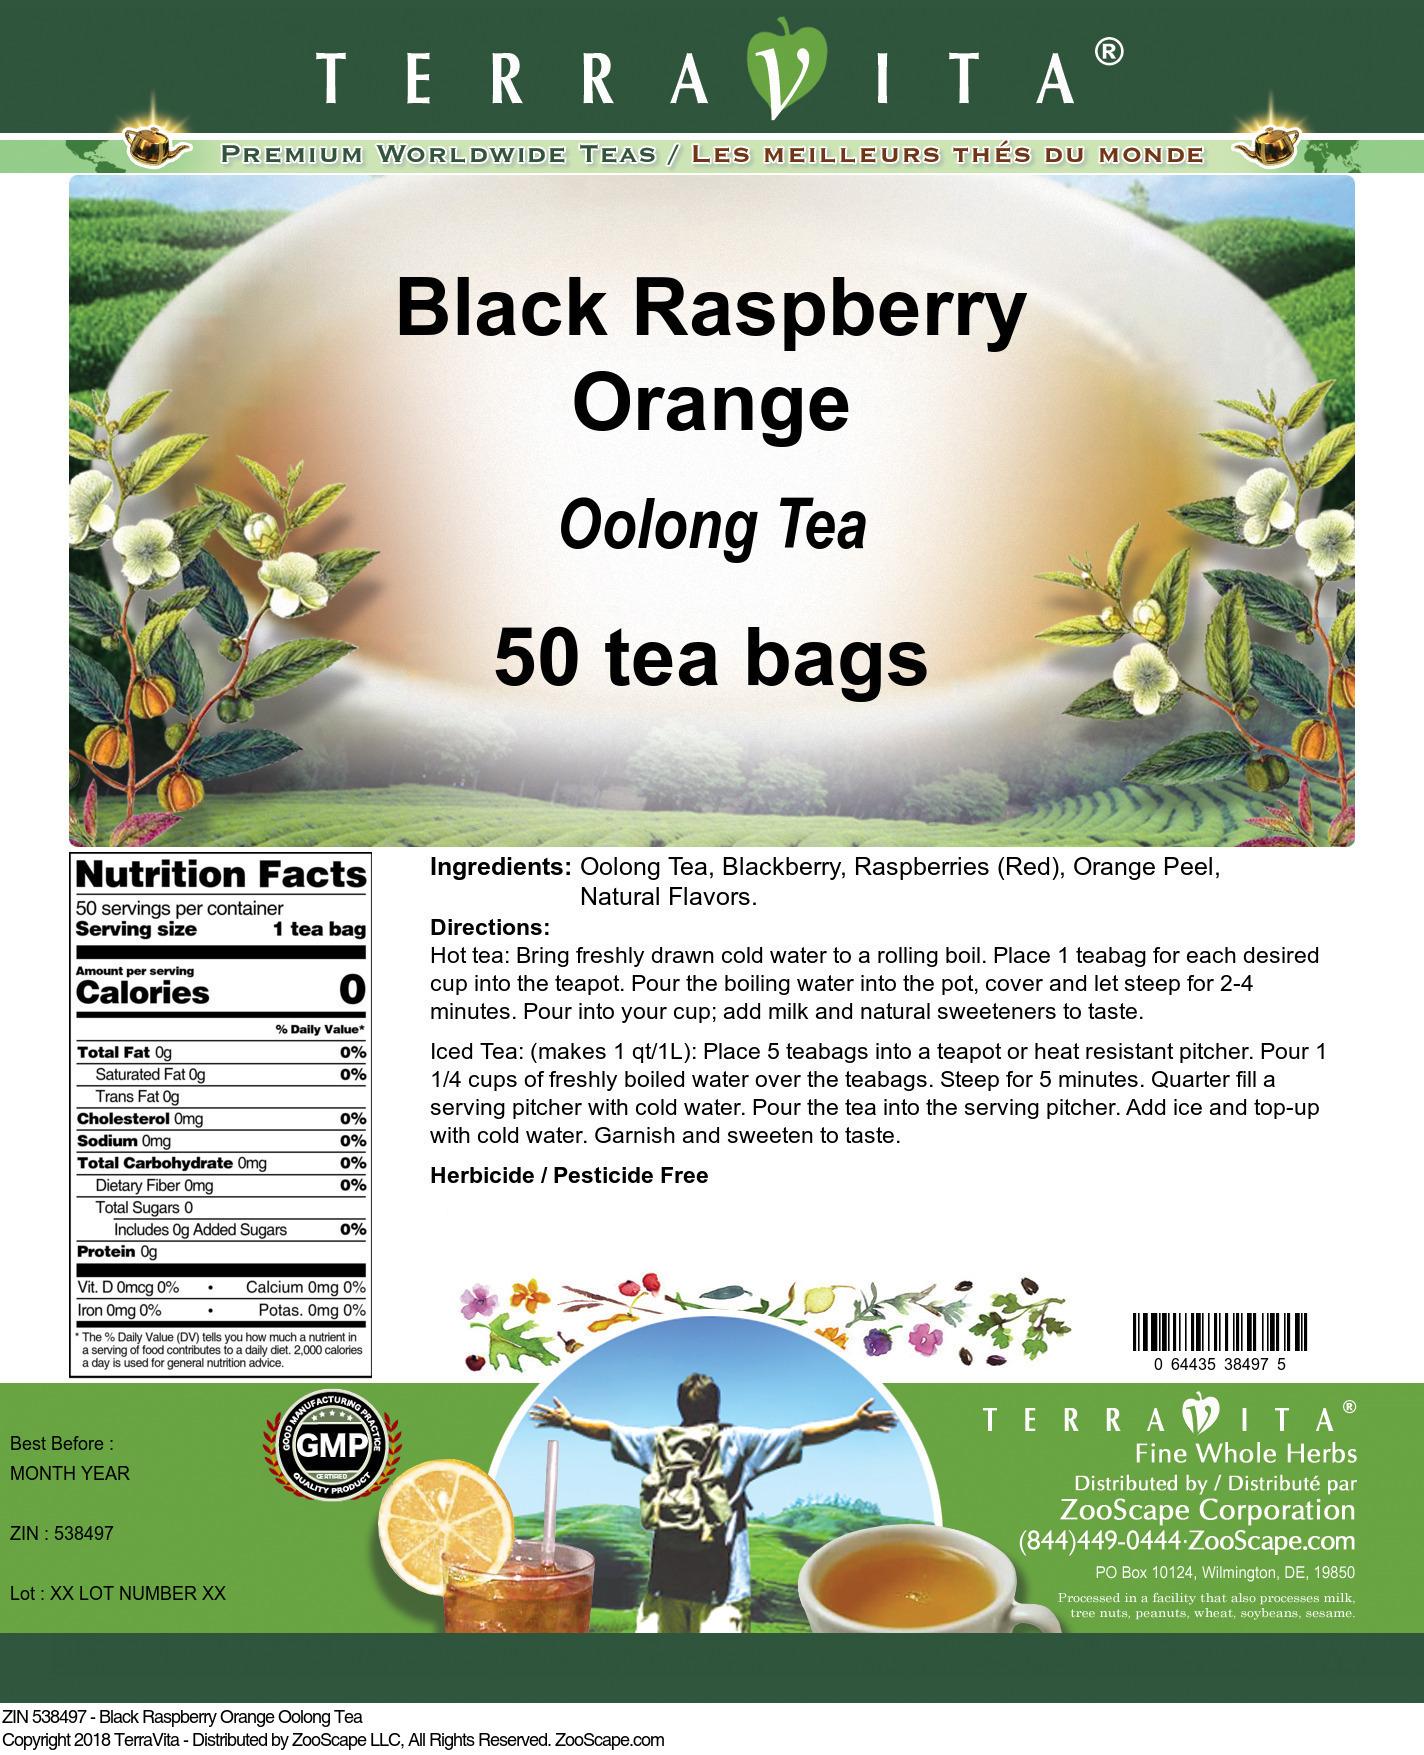 Black Raspberry Orange Oolong Tea